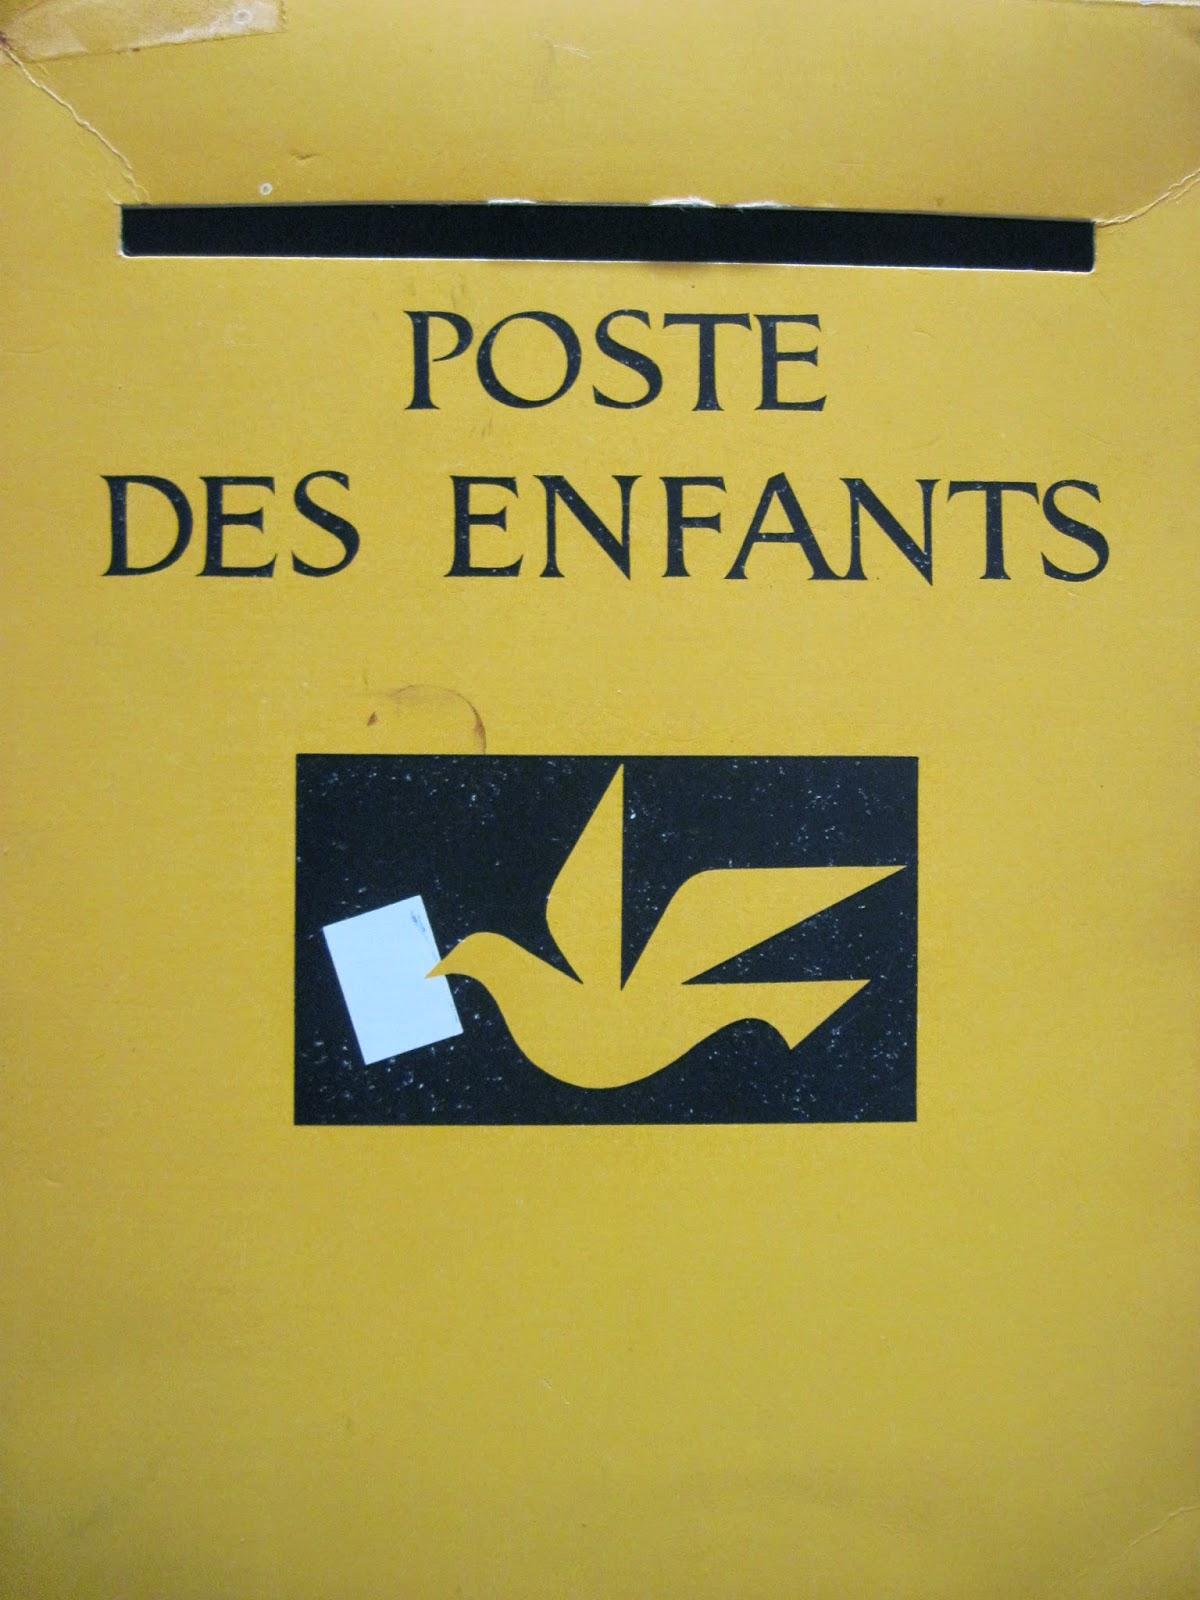 Collectionneur de timbres et de cartes postales: Boites de jeux: La Poste des Enfants